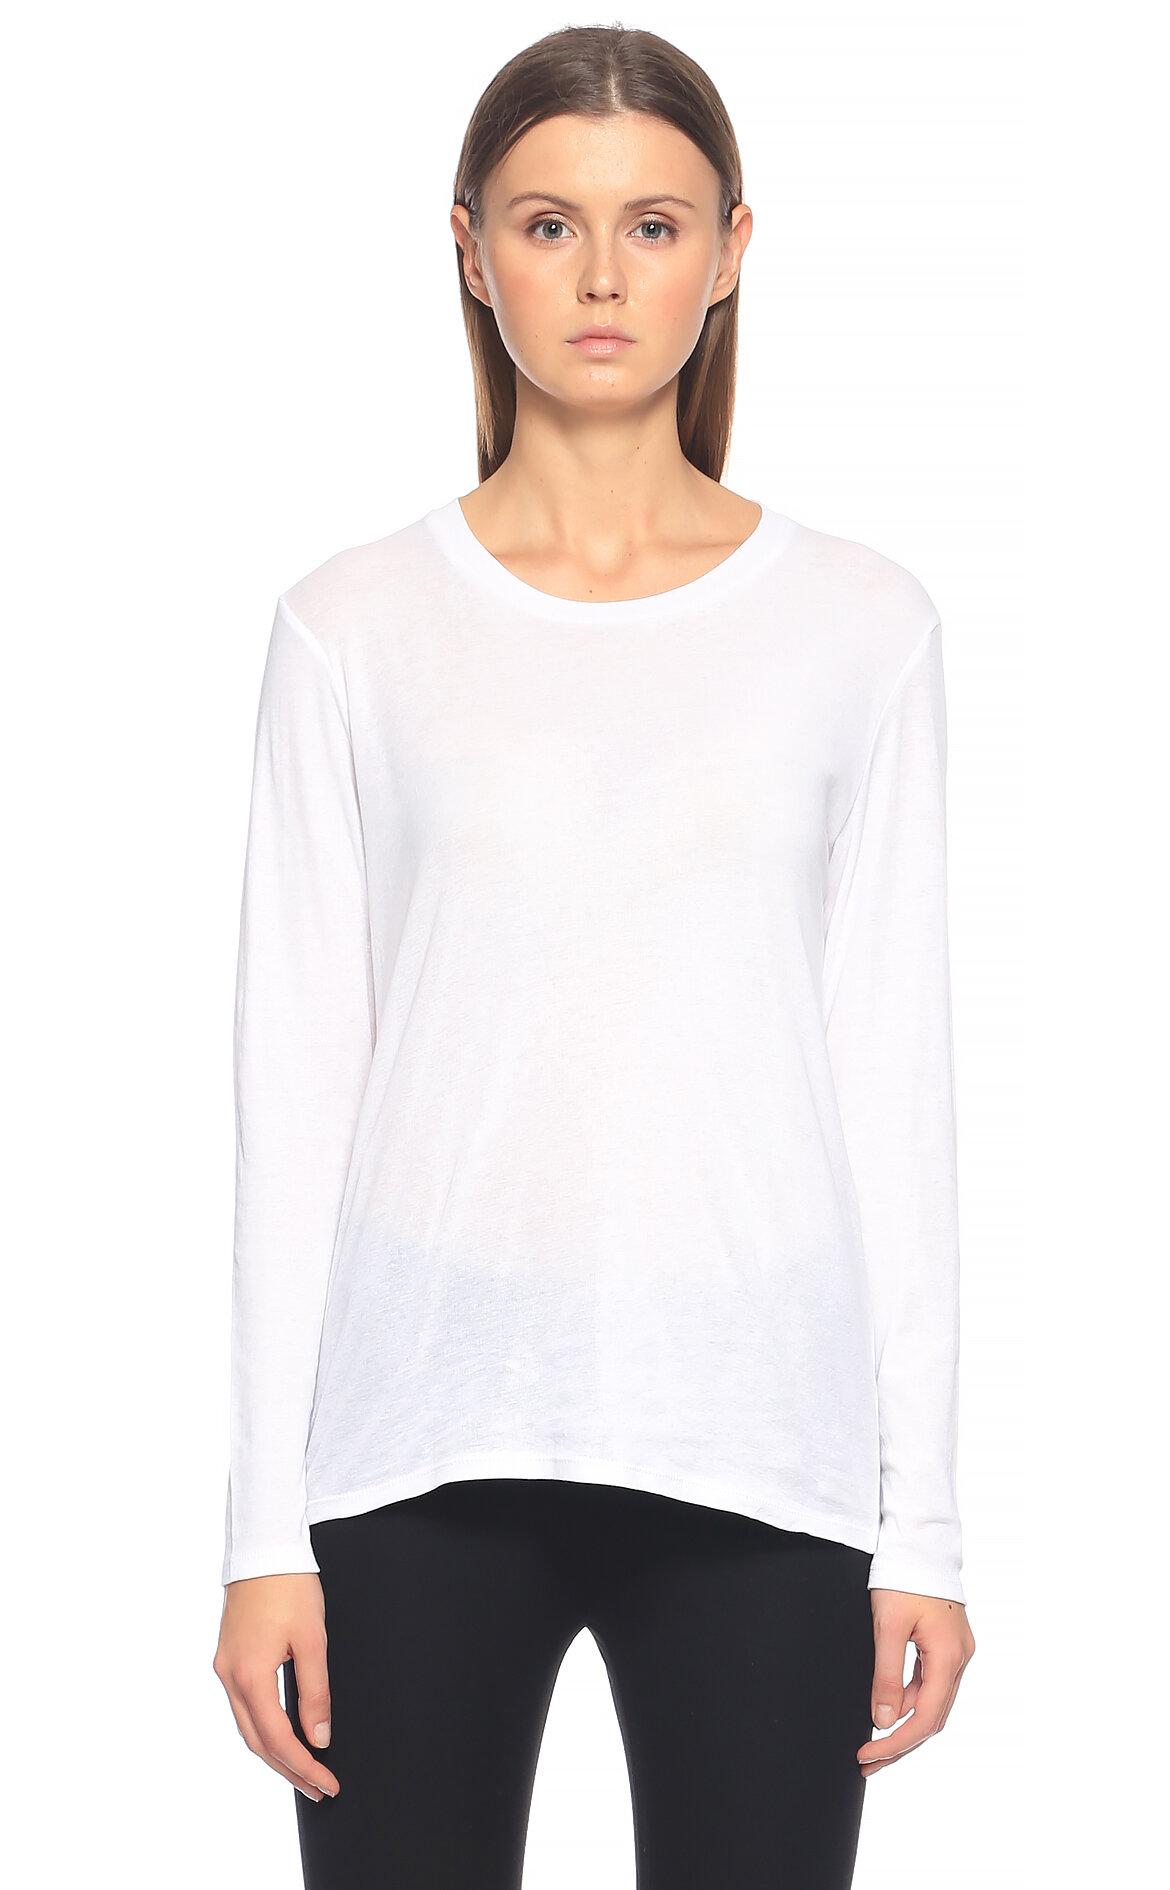 Tru-Tru Uzun Kollu Beyaz T-Shirt